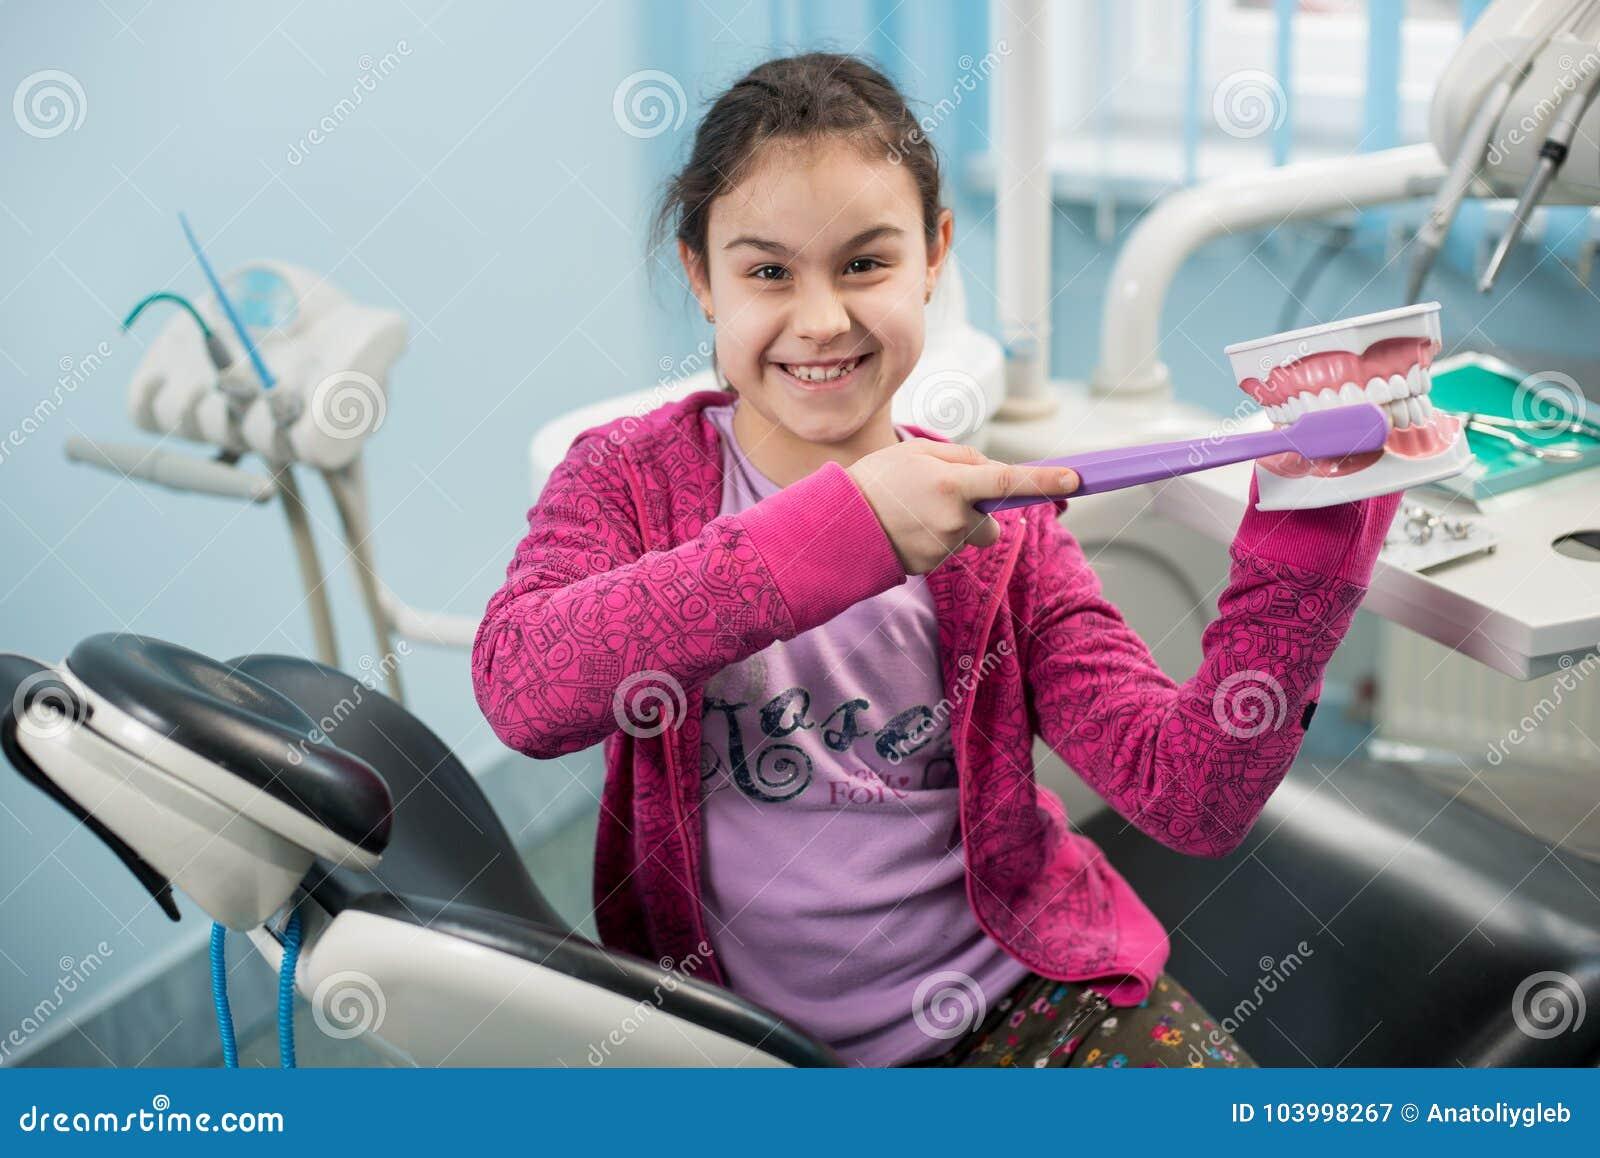 牙医的微笑的女孩主持显示适当牙掠过使用牙齿下颌模型和大牙刷在牙齿诊所